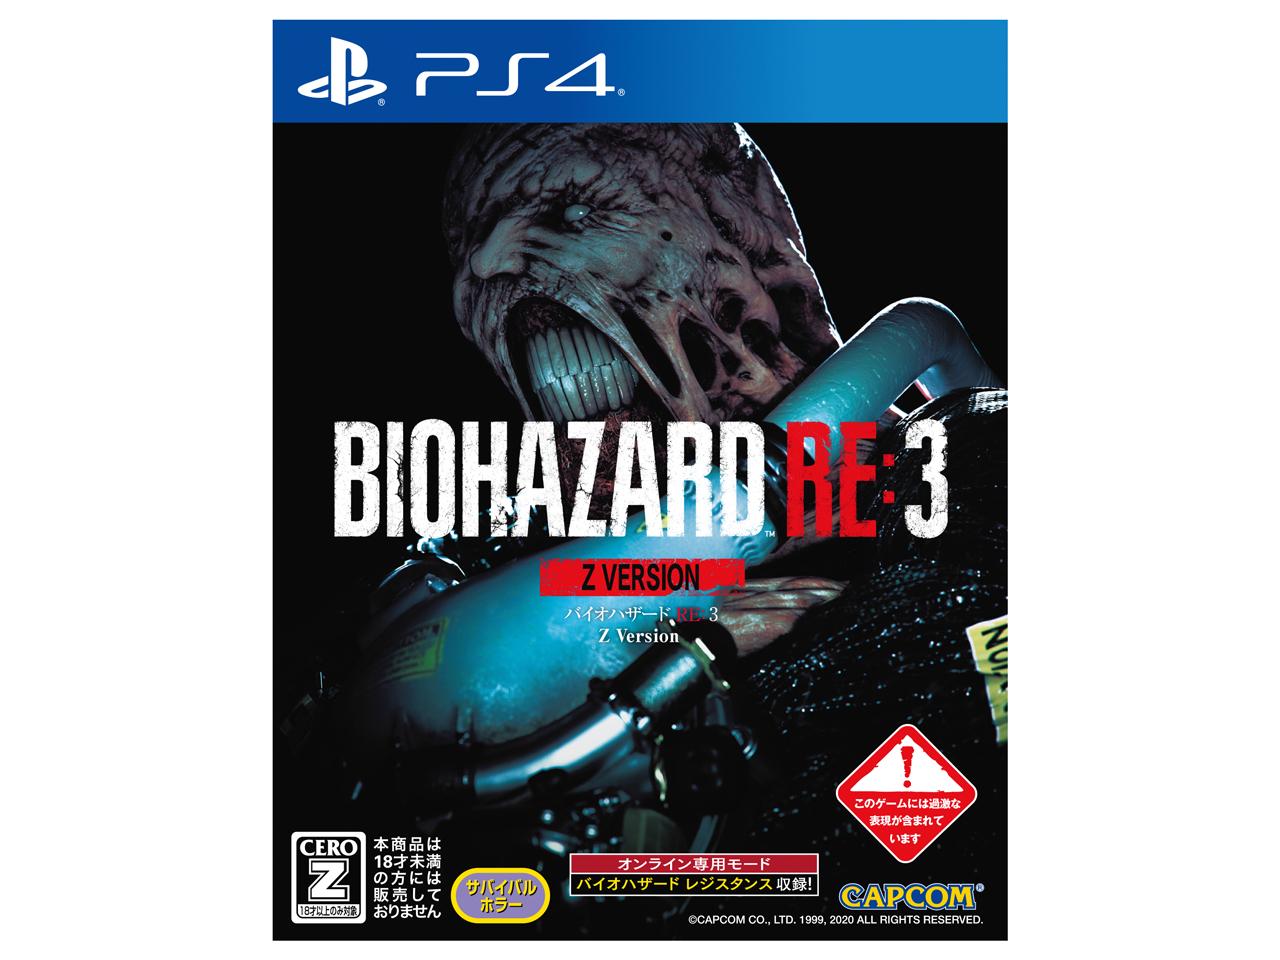 バイオハザード RE:3 Z Version [通常版] [PS4] の製品画像